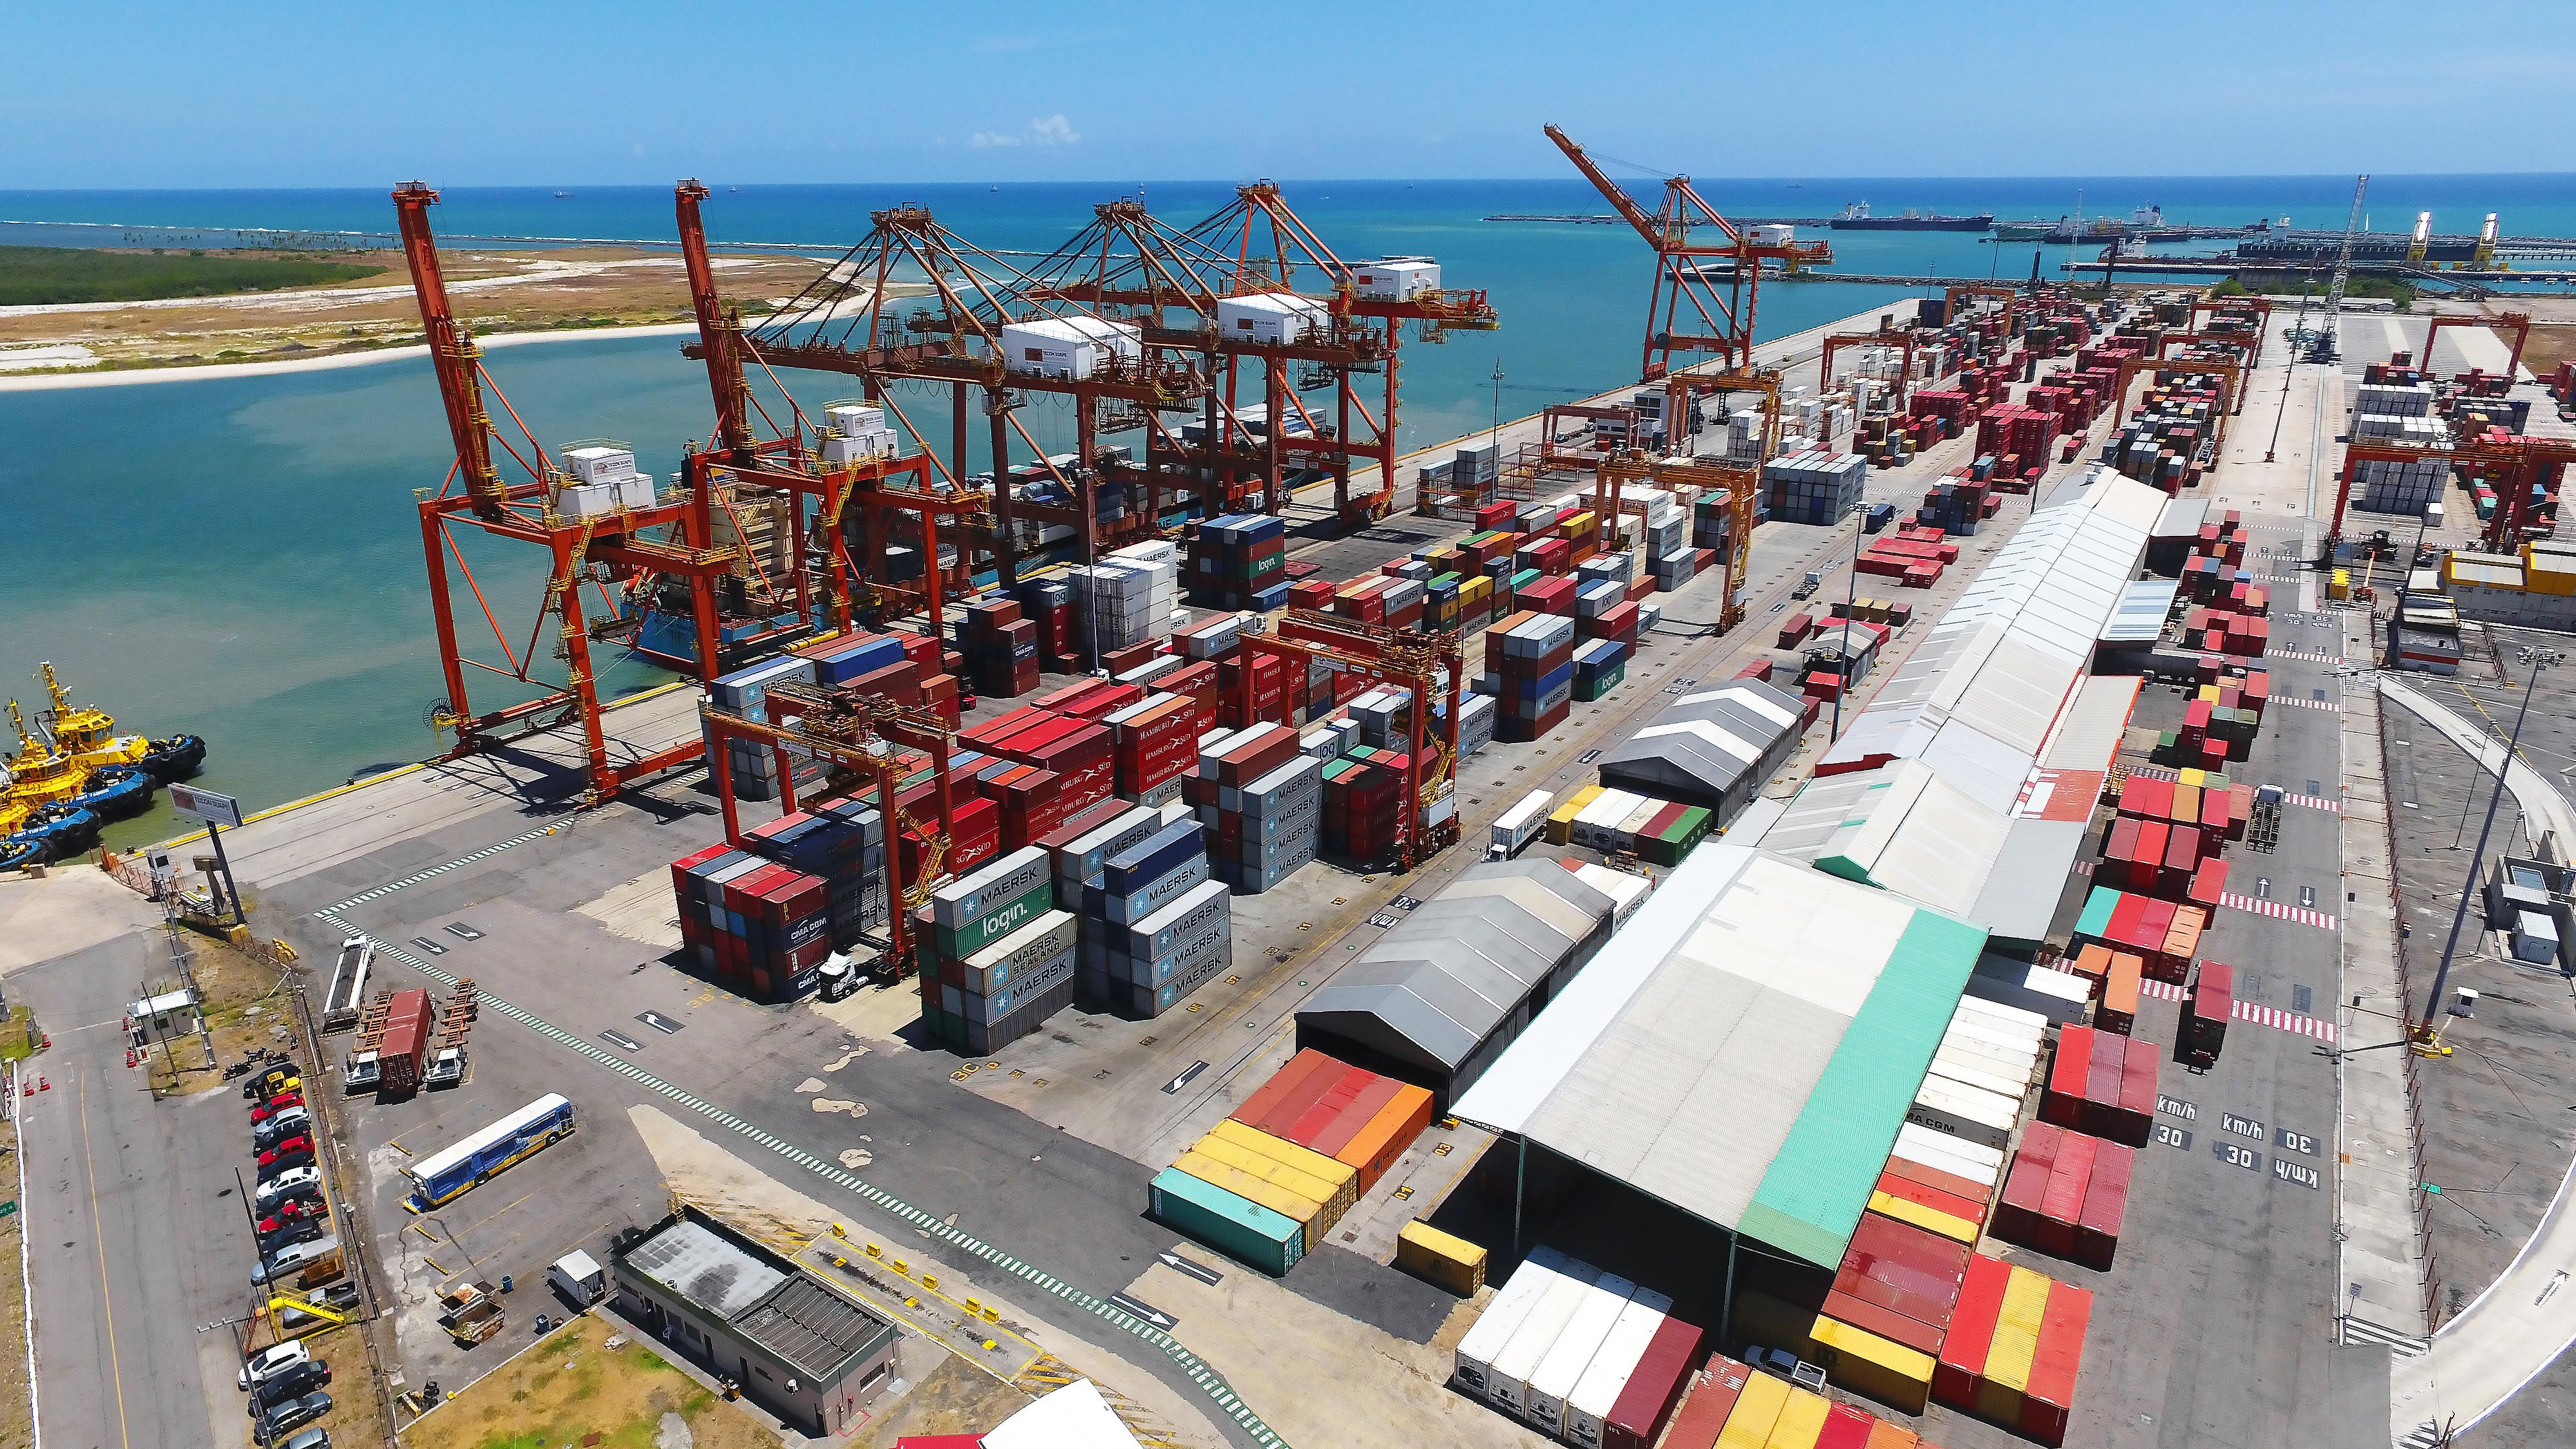 As maiores empresas de navegação se organizam em três grandes alianças que concentram 93% da capacidade de movimentação de contêineres nas principais rotas internacionais